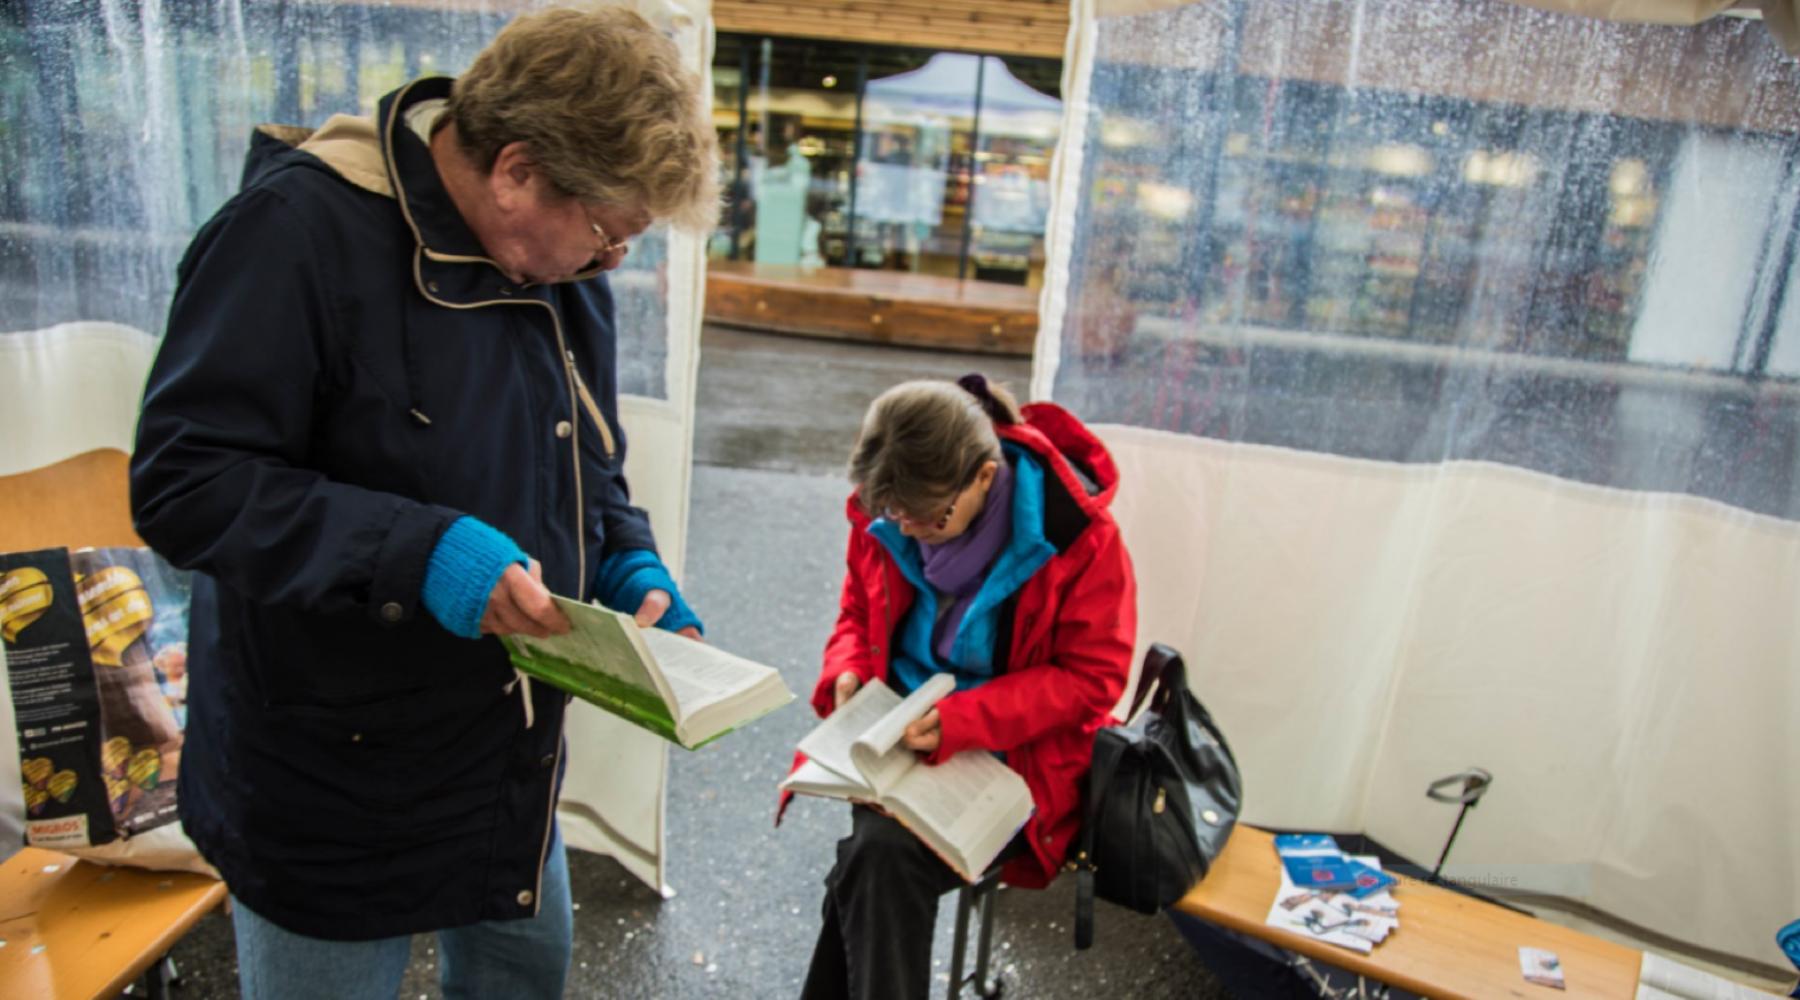 GLAND : LA LECTURE DE LA BIBLE COMMUNAUTAIRE ININTERROMPUE À HAUTE VOIX SUR LA PLACE DE LA GARE EN 96 HEURES